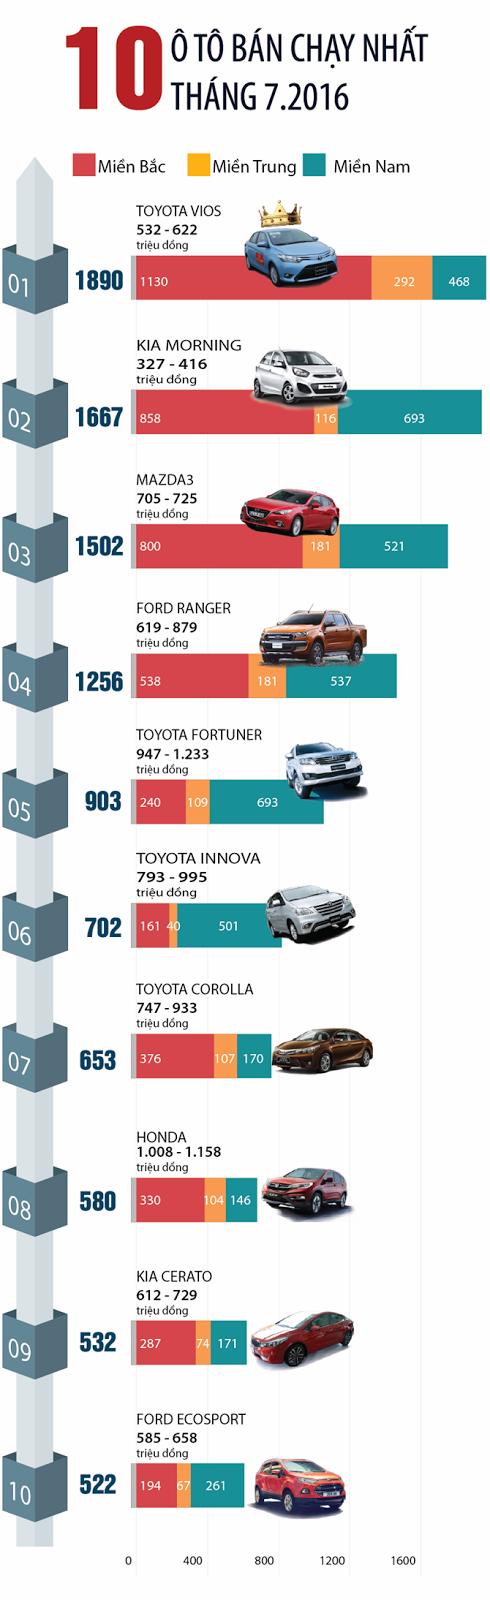 10 Mẫu xe bán chạy nhất tháng cô hồn